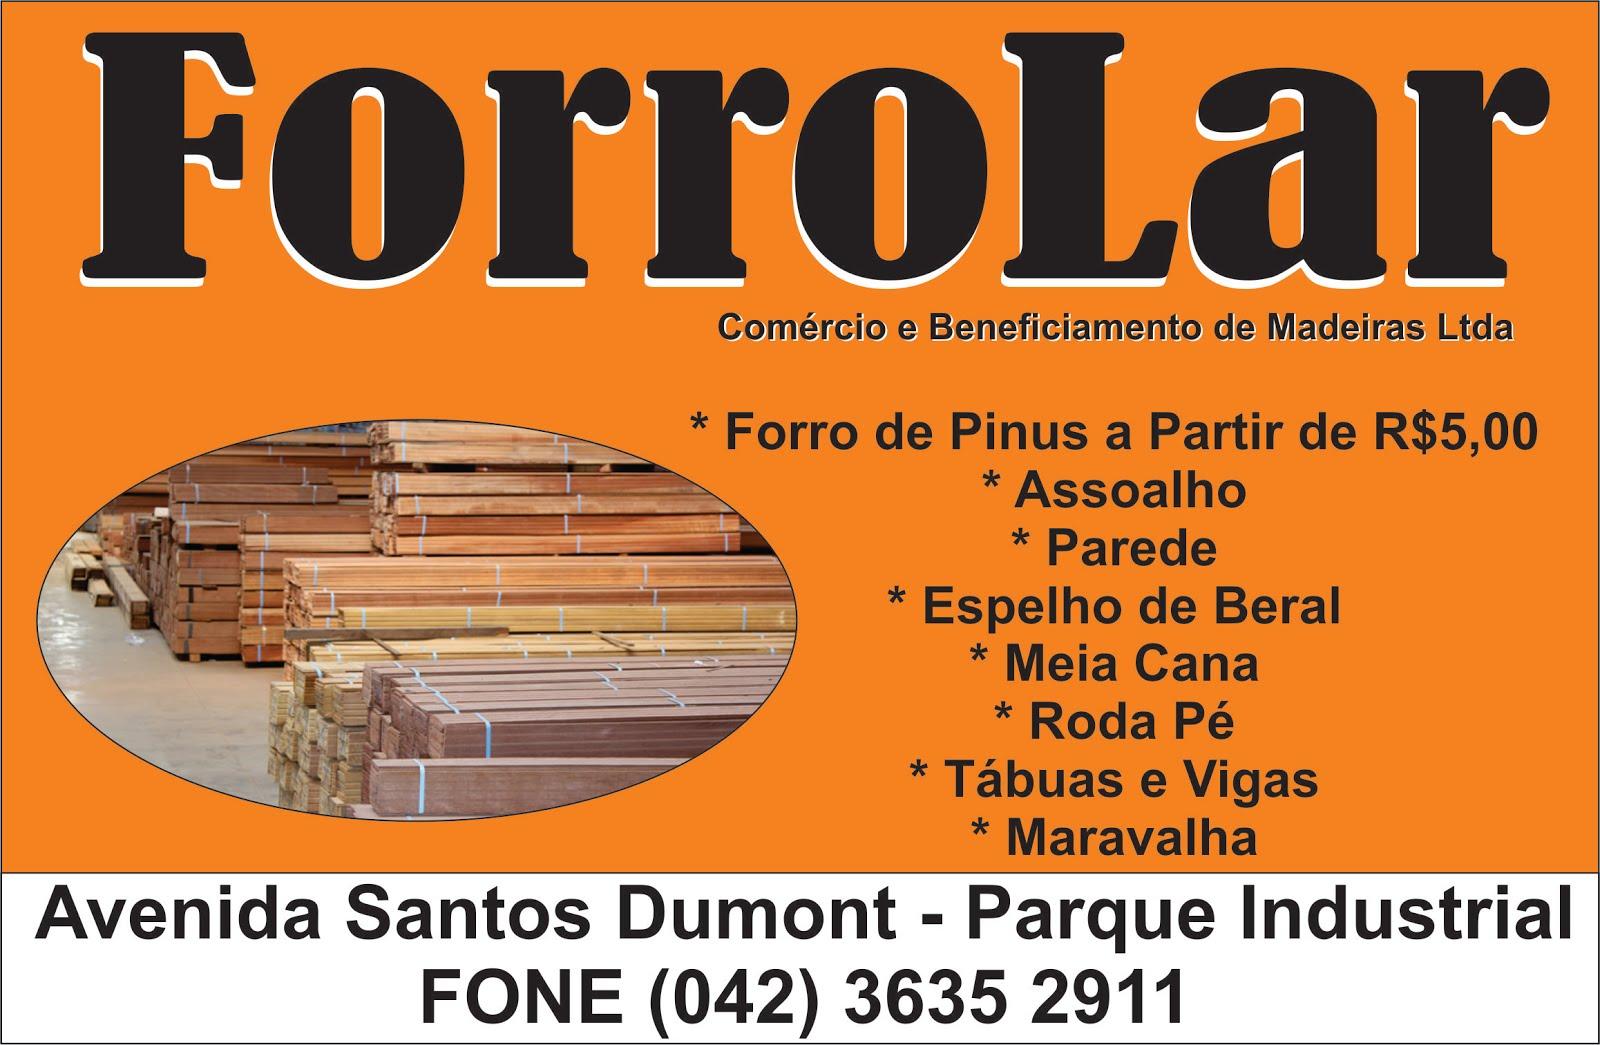 Forrolar comércio e beneficiamento de madeiras LTDA